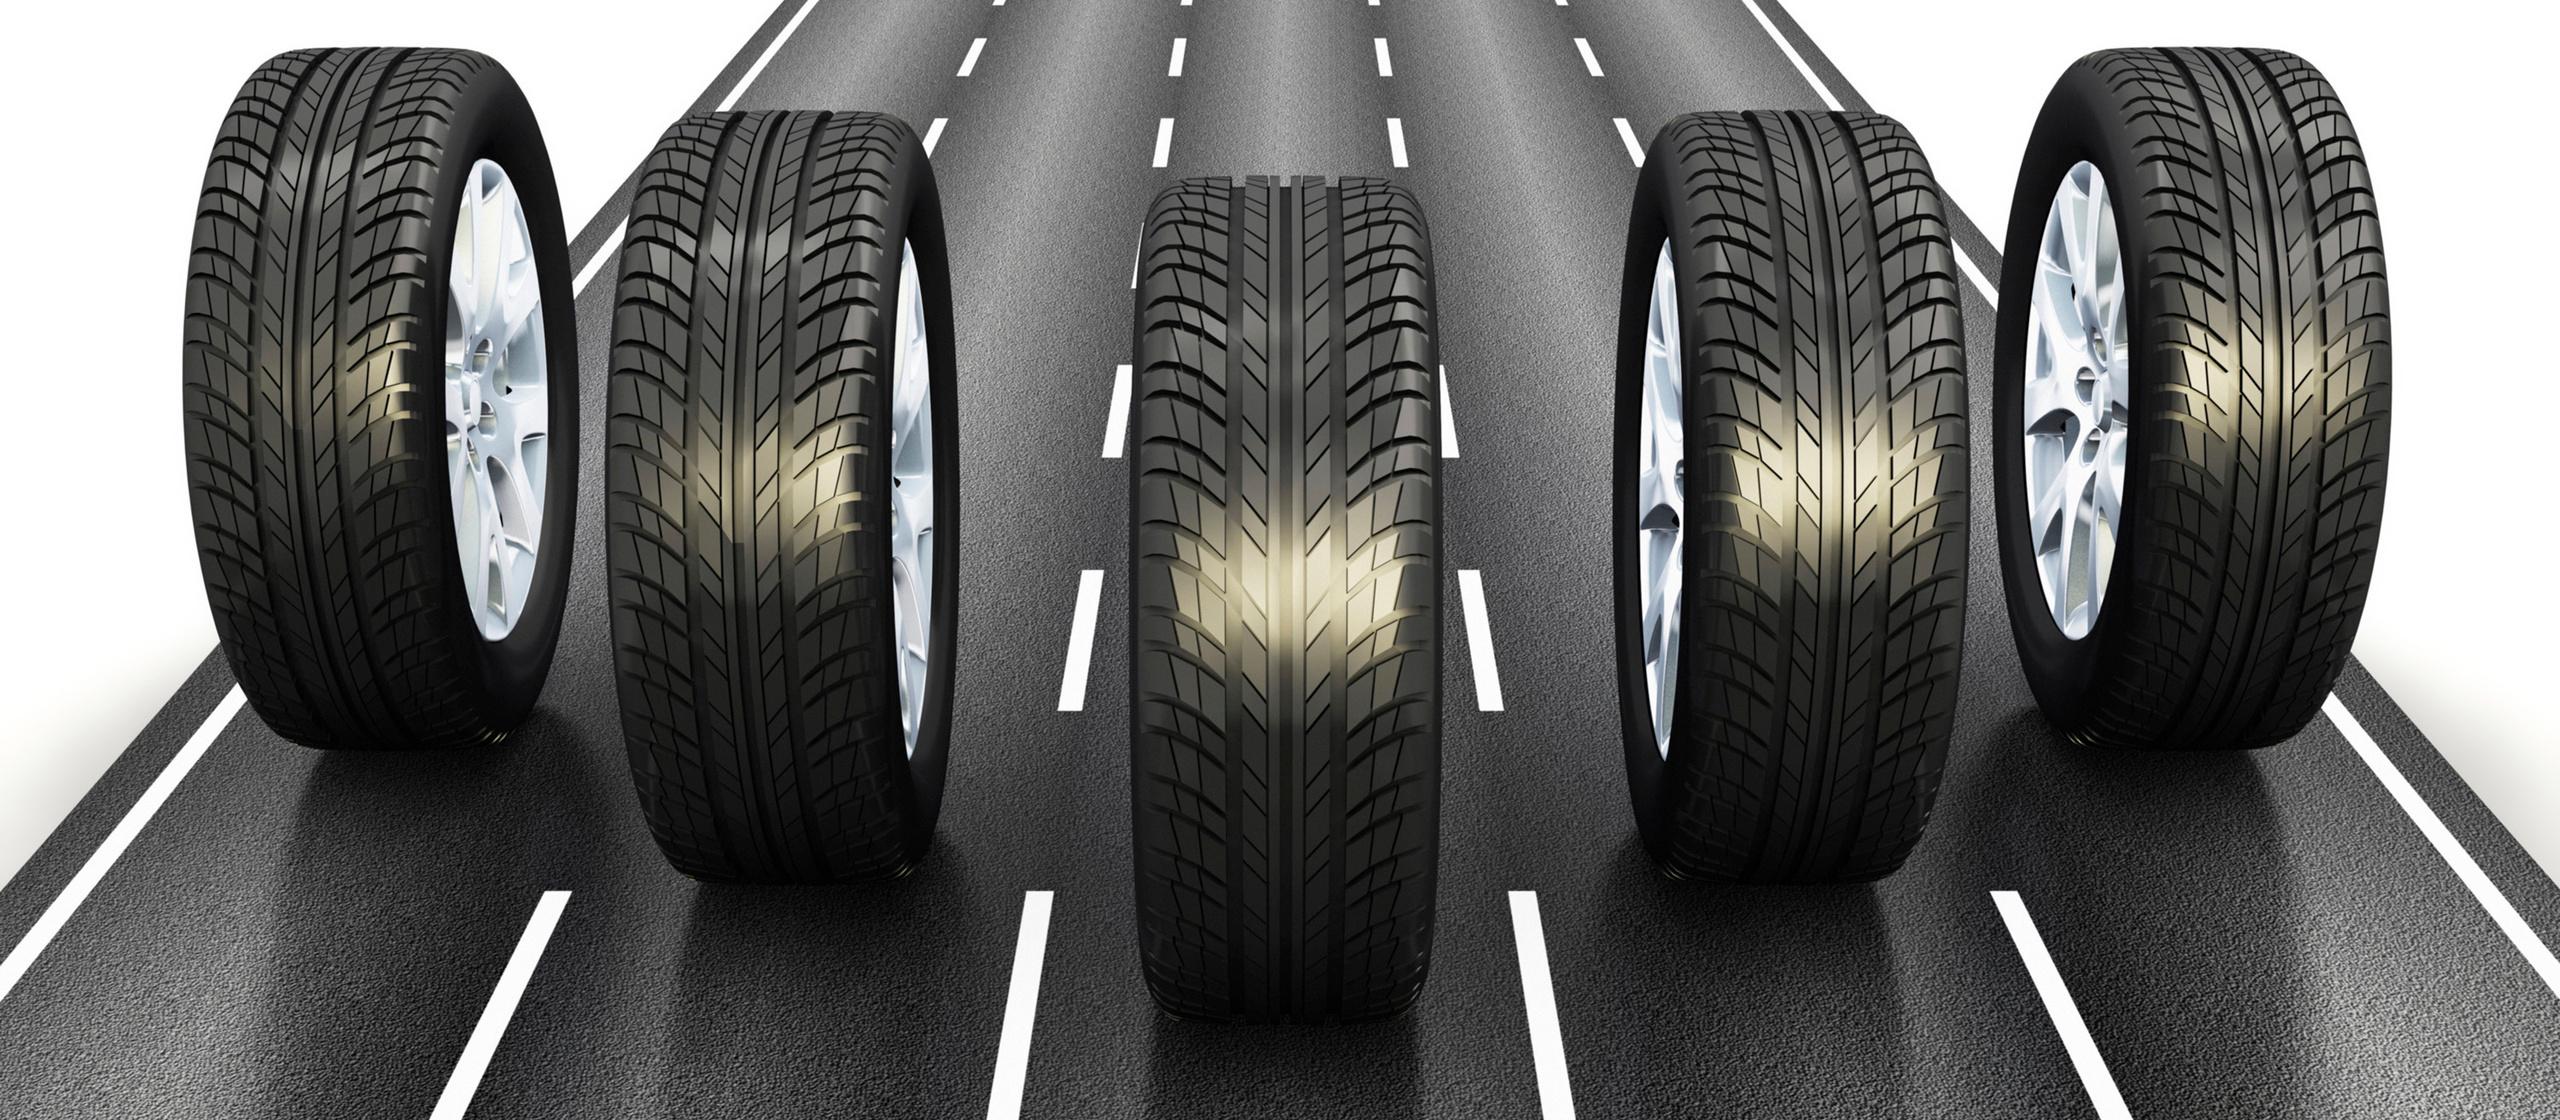 Выбор автомобильных шин в зависимости от производителя